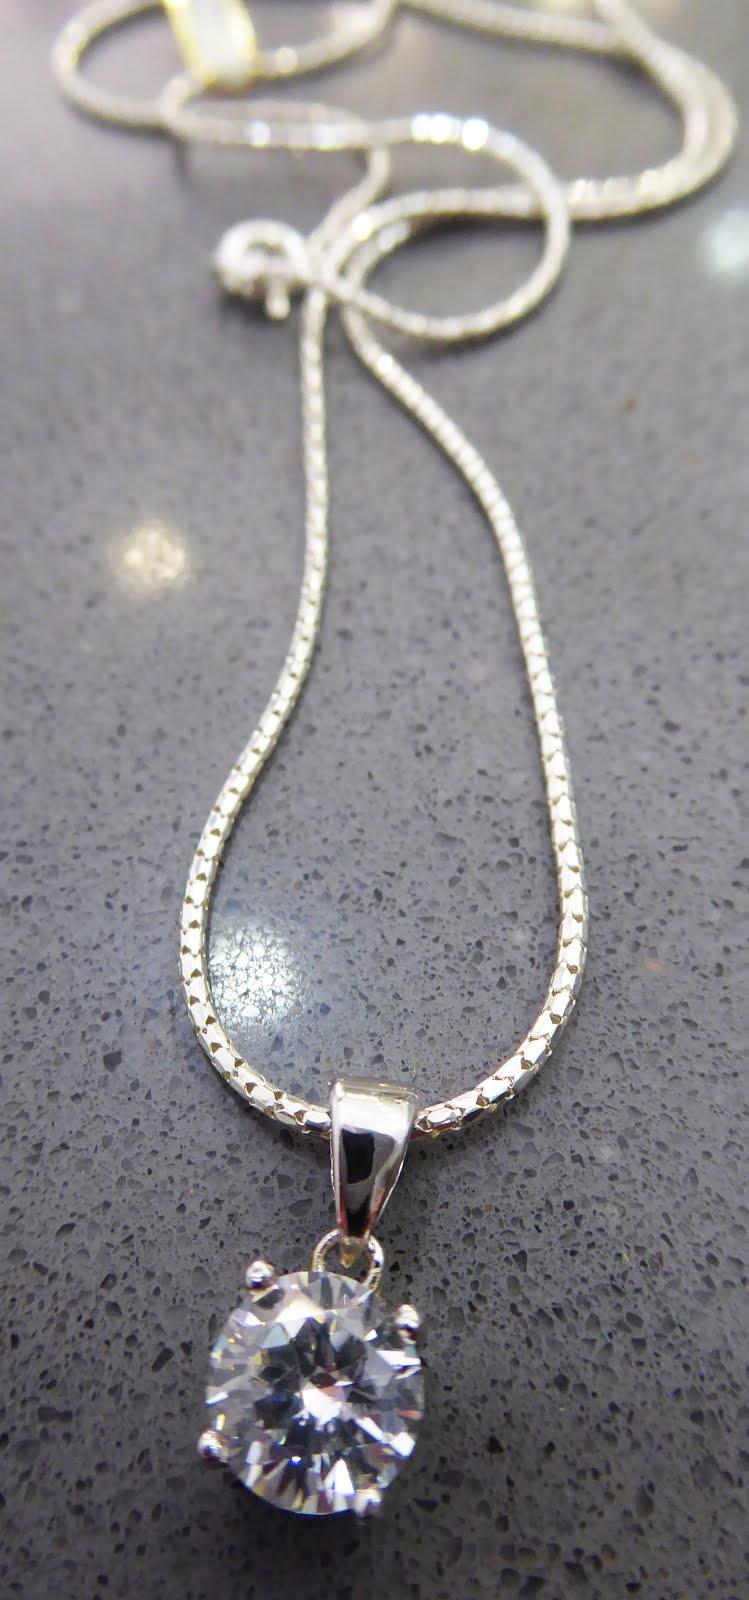 Colgante circonita y cadena de plata